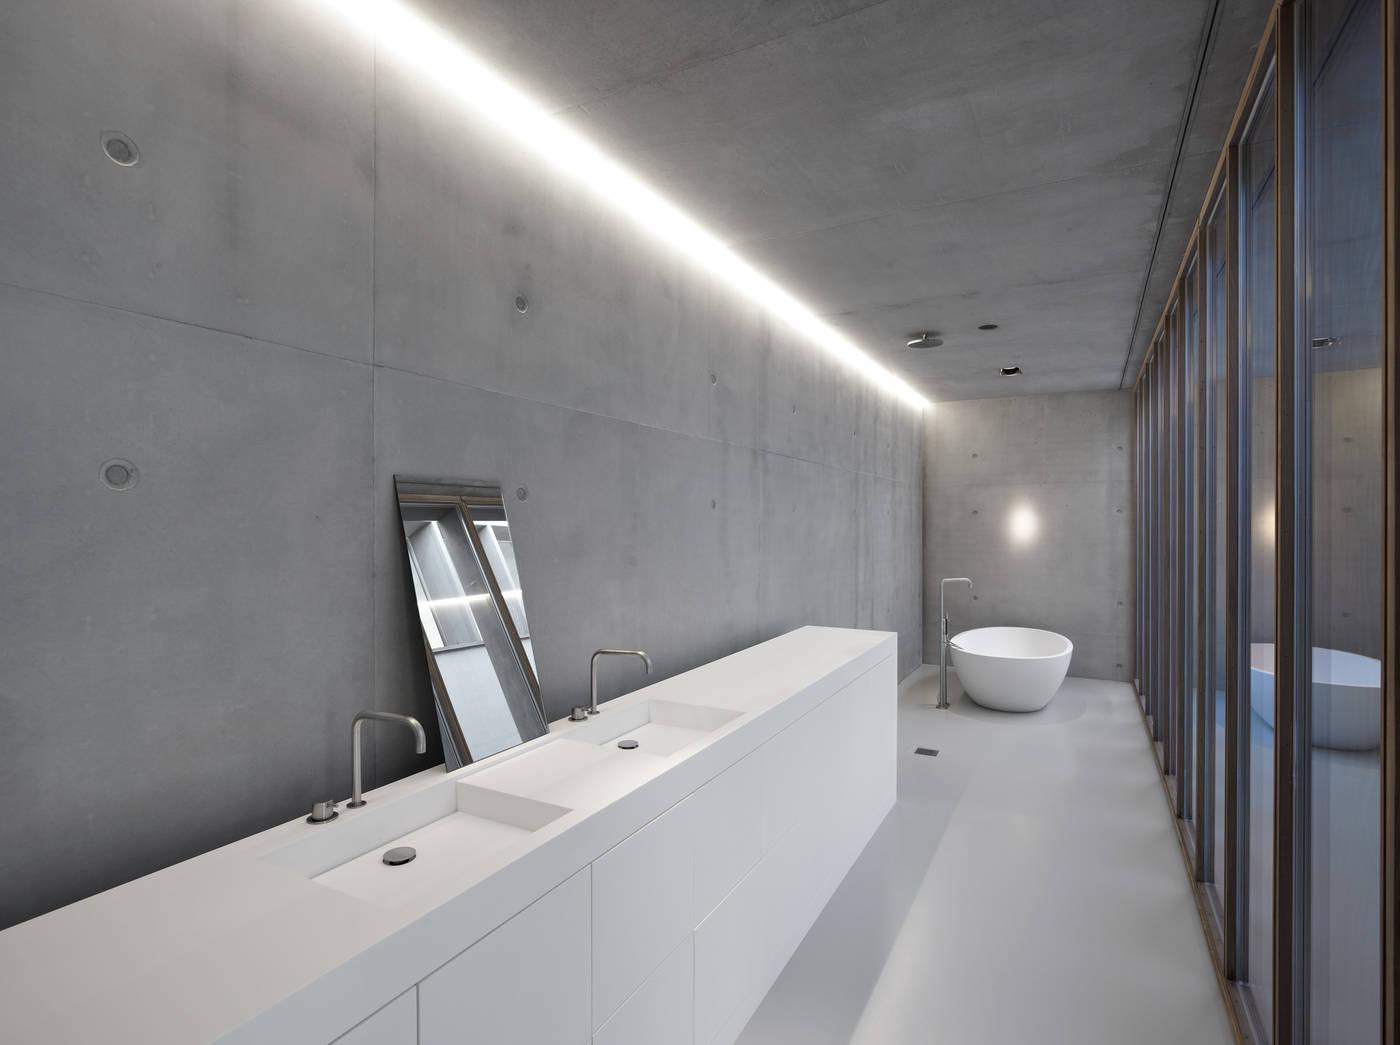 Smalle lange badkamer met een stoer minimalistisch en modern